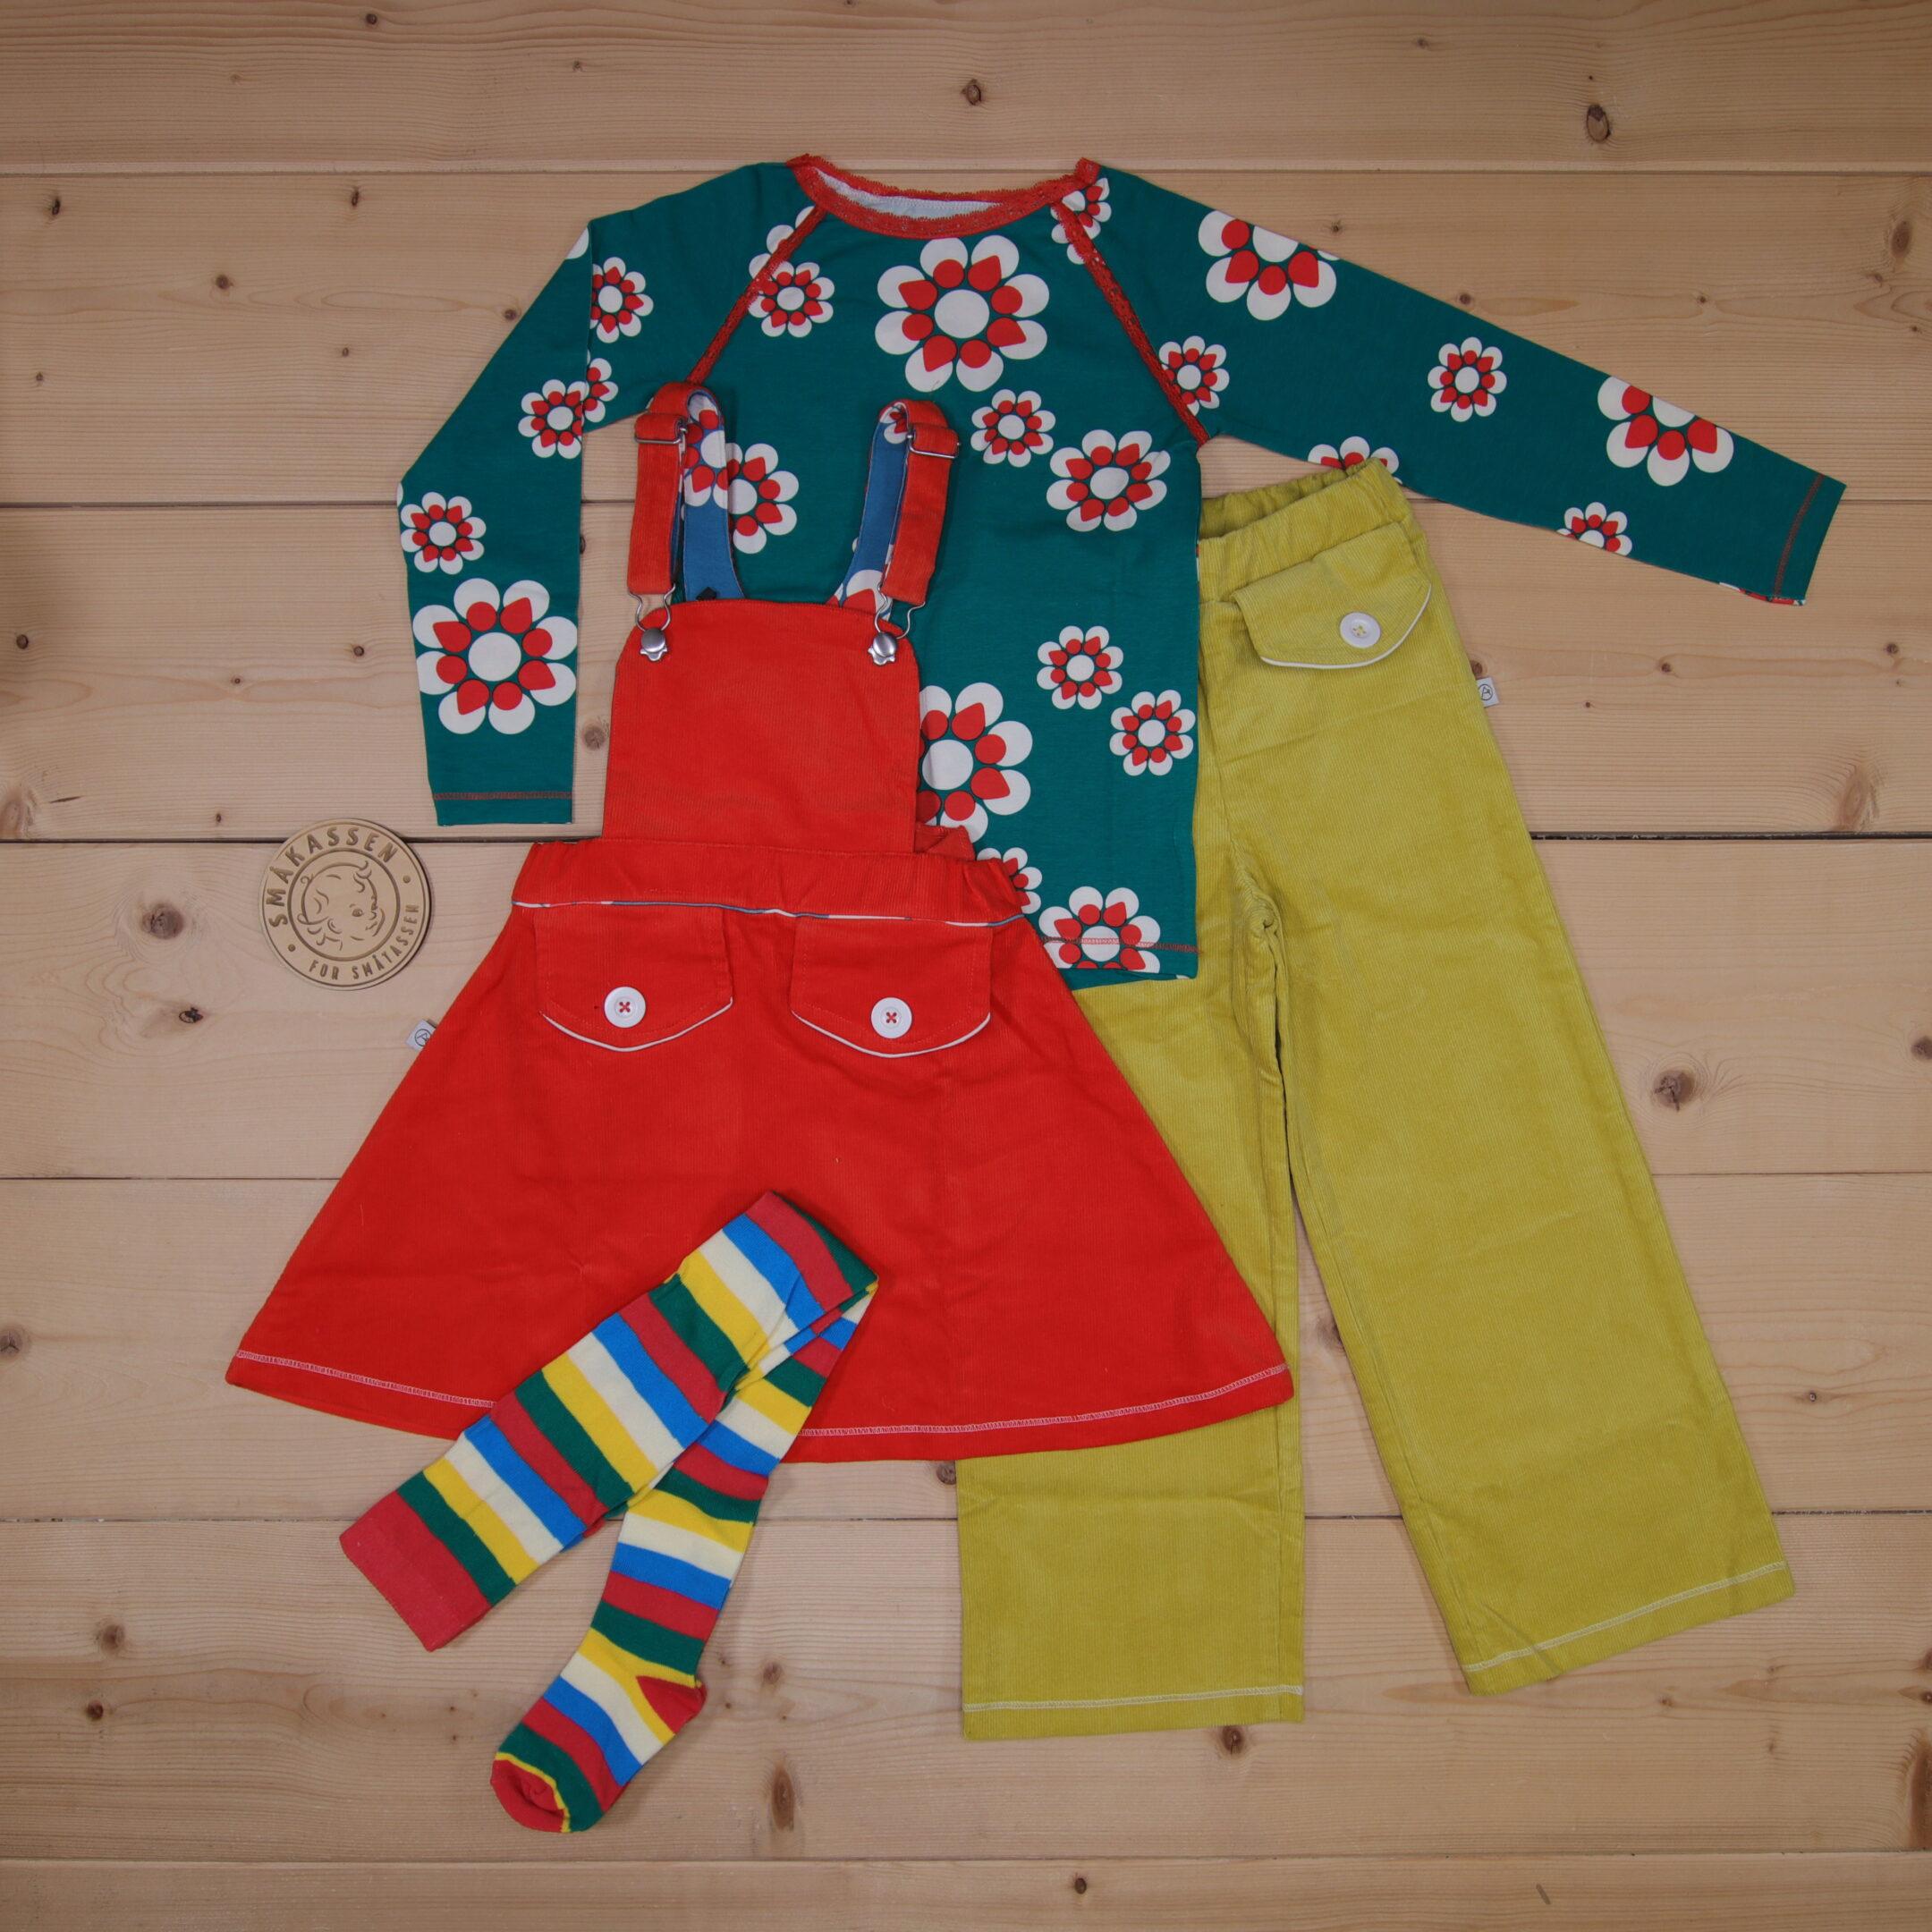 Dette er en 1500 NOK* The Childish Stylist som vi forberedte for en jente i stilen colorful i størrelse 104